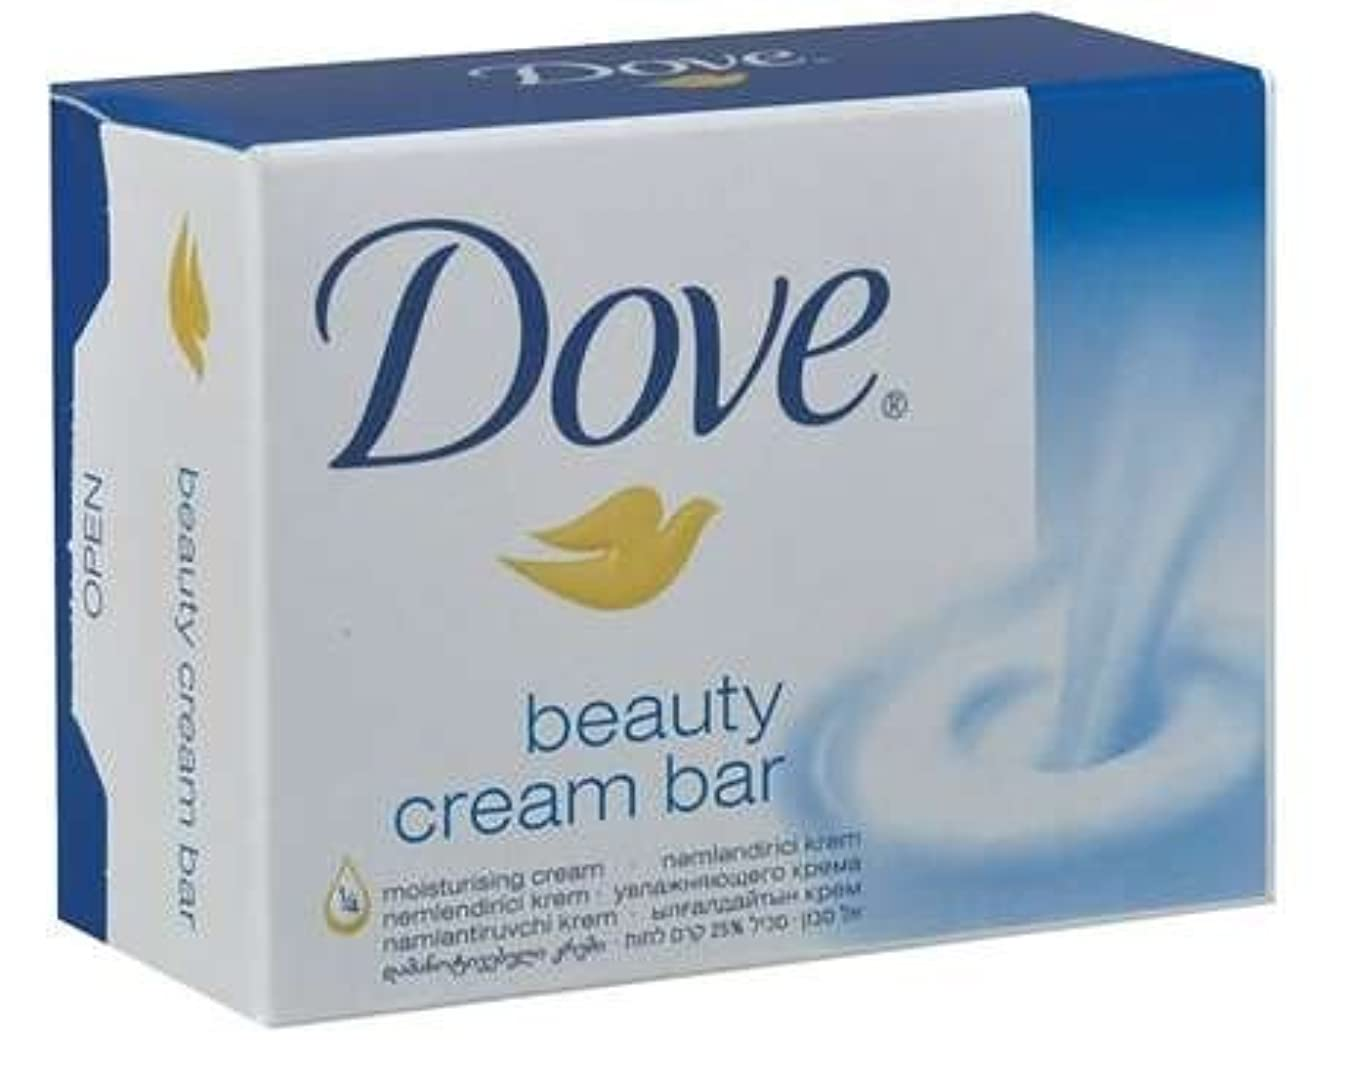 小屋テーマモンクDove Original Beauty Cream Bar White Soap 100 G / 3.5 Oz Bars (Pack of 12) by Dove [並行輸入品]